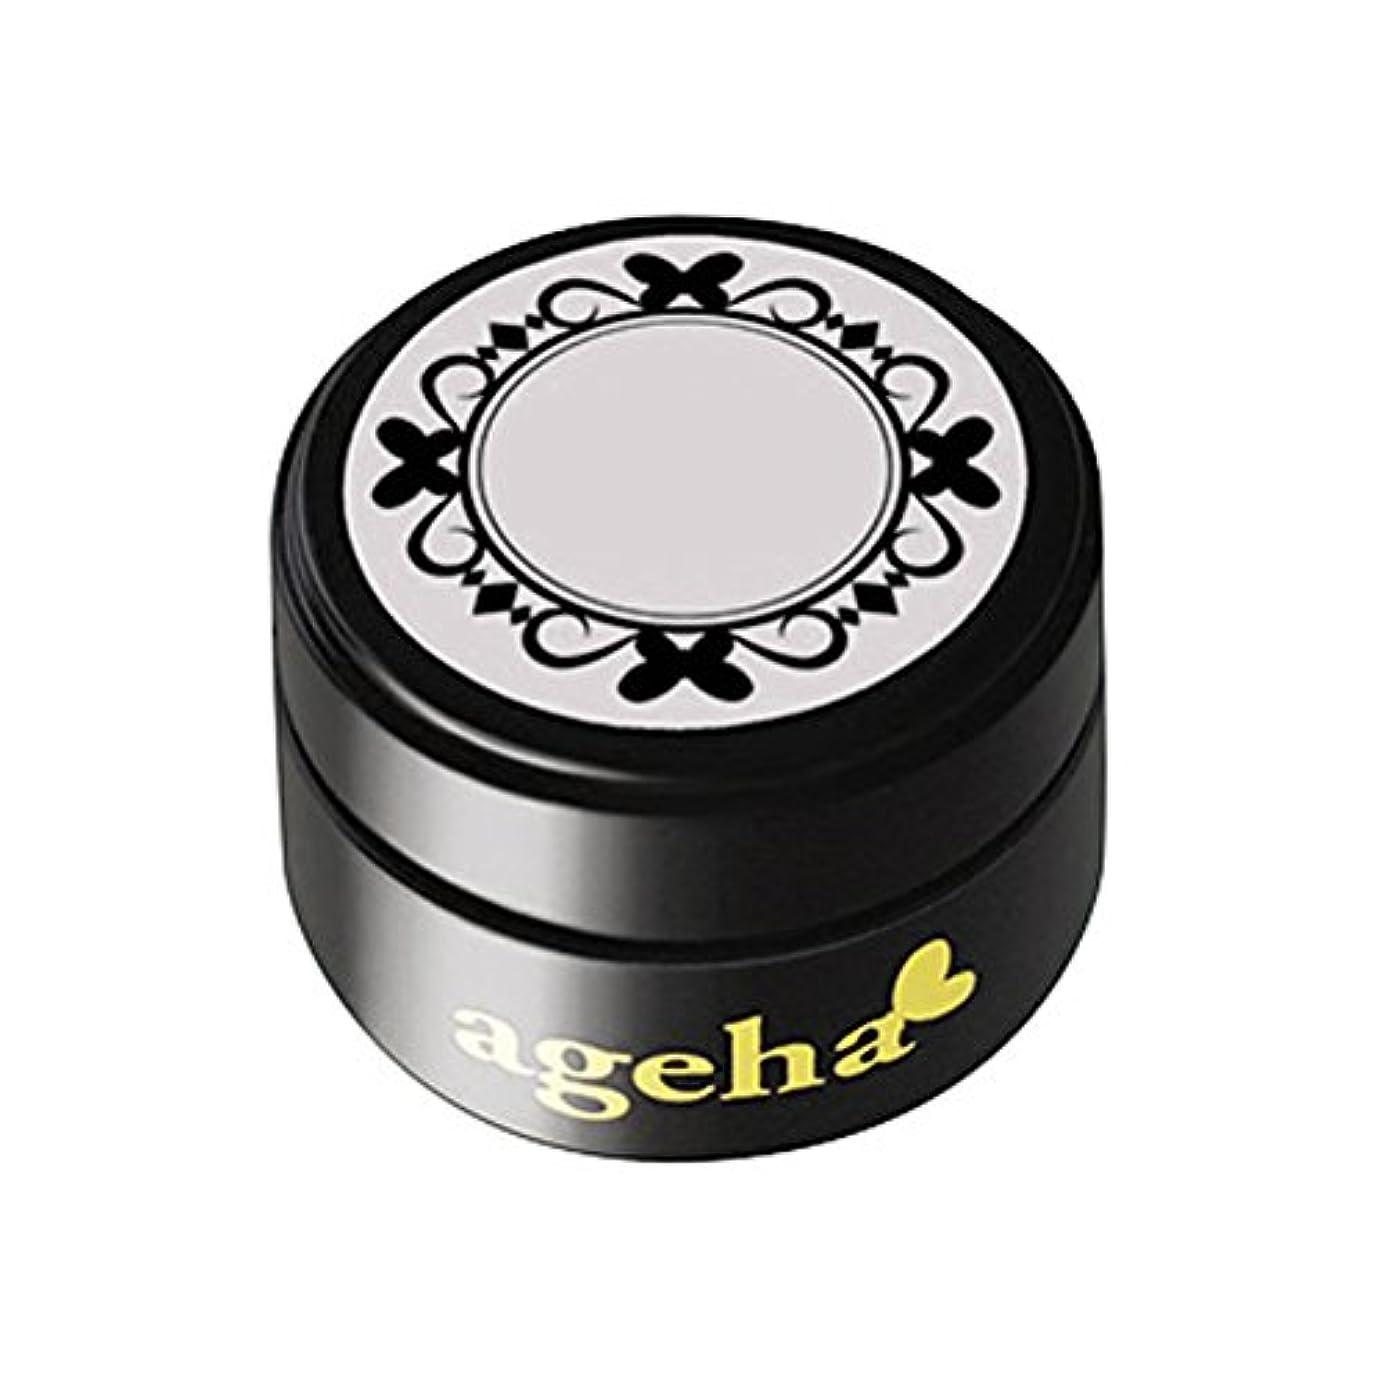 標準所持印象派ageha gel カラージェル コスメカラー 205 ダークレッド 2.7g UV/LED対応